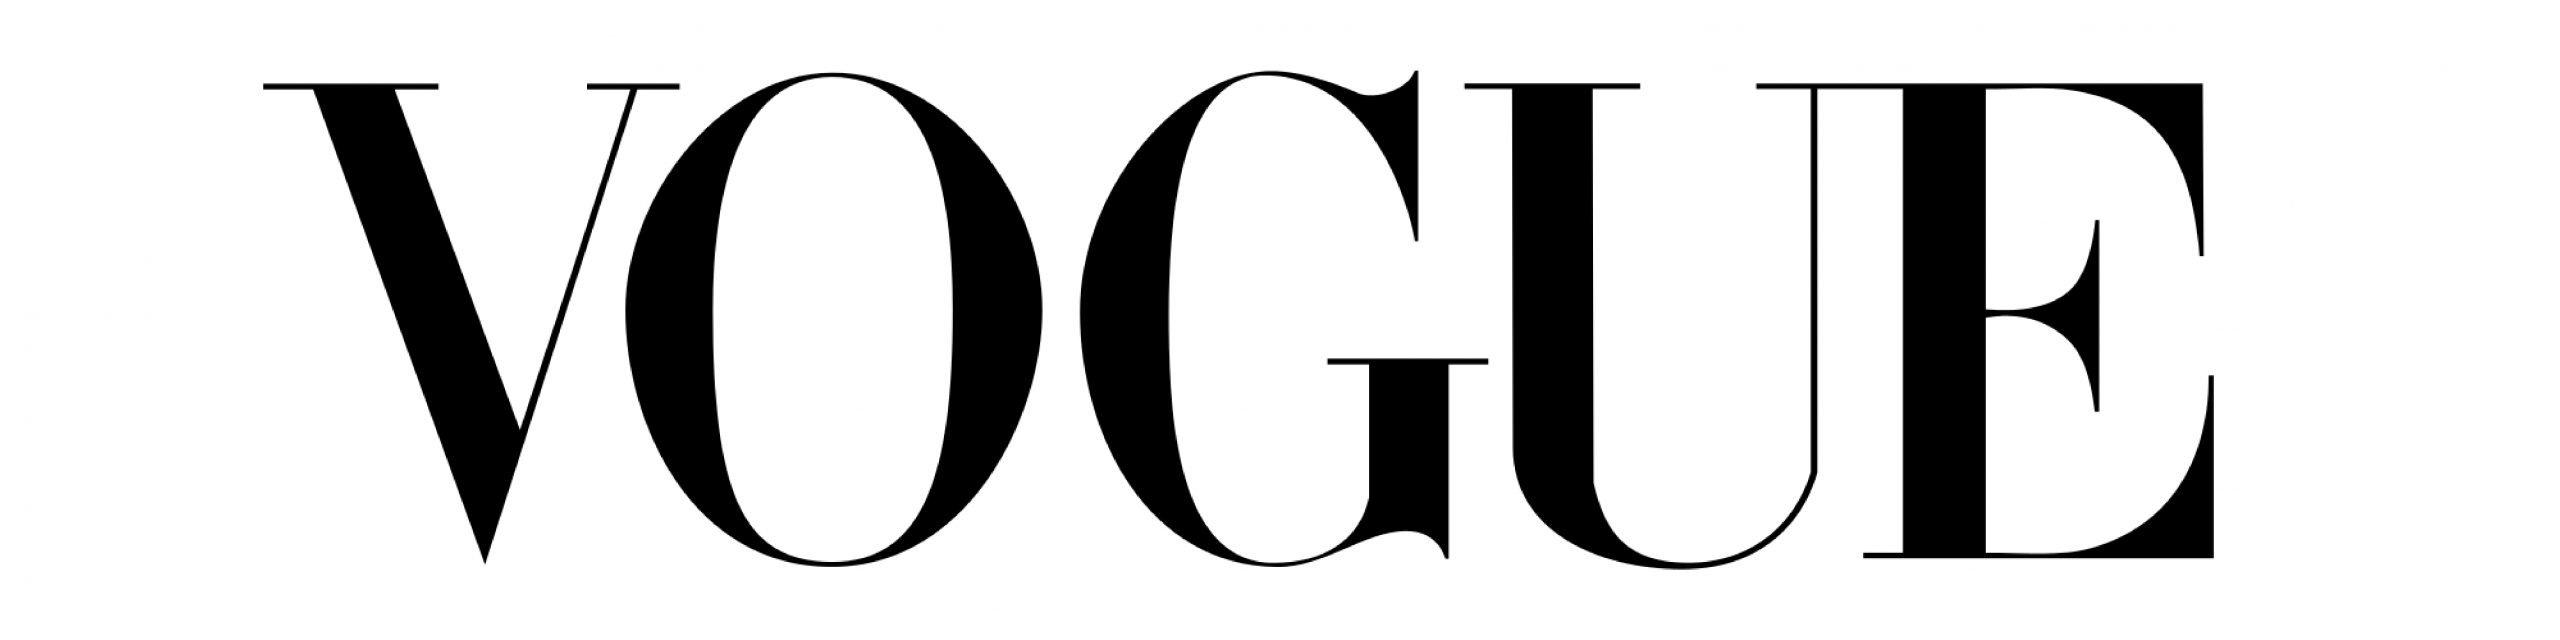 logosmarketing-03